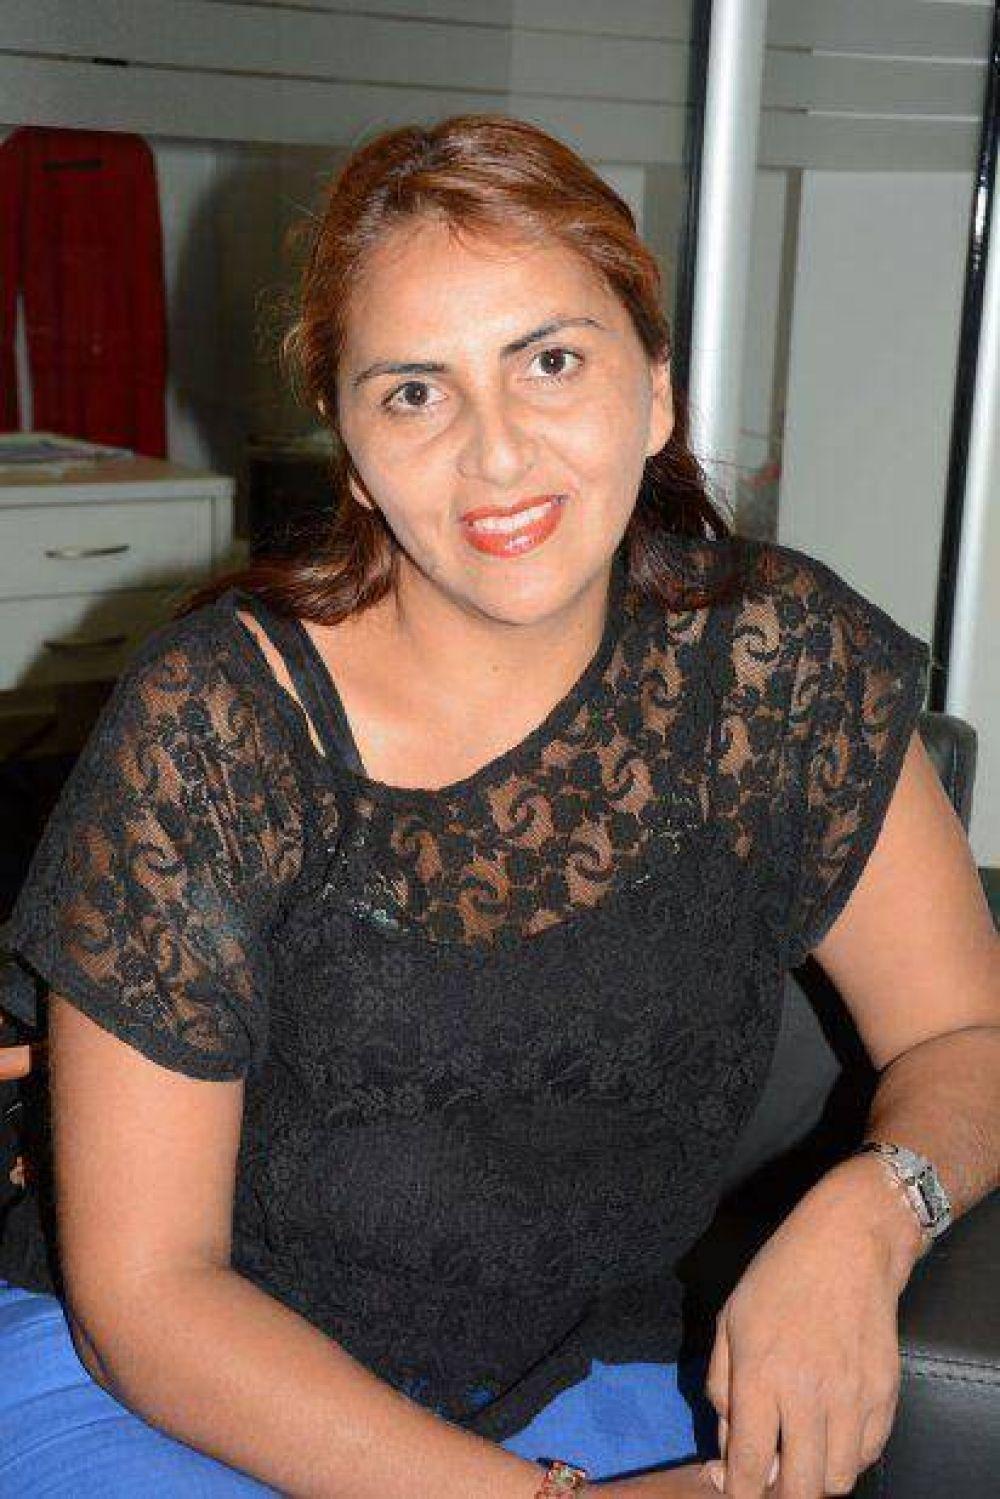 Denuncian persecución laboral en Pampa Blanca